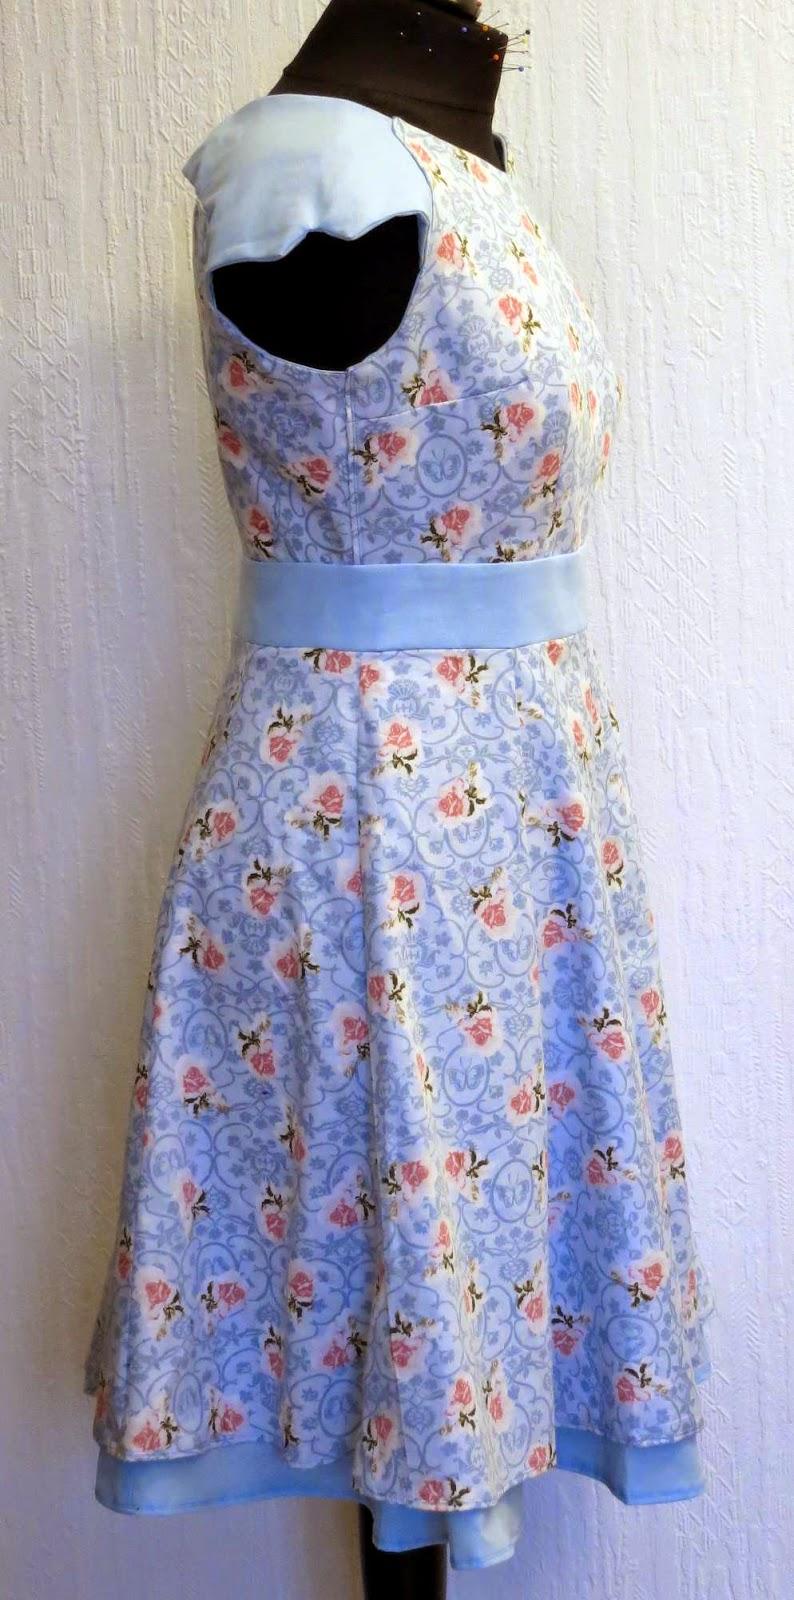 ♥ Ninschis Sammelsurium ♥: Kleid ohne Anleitung nähen.